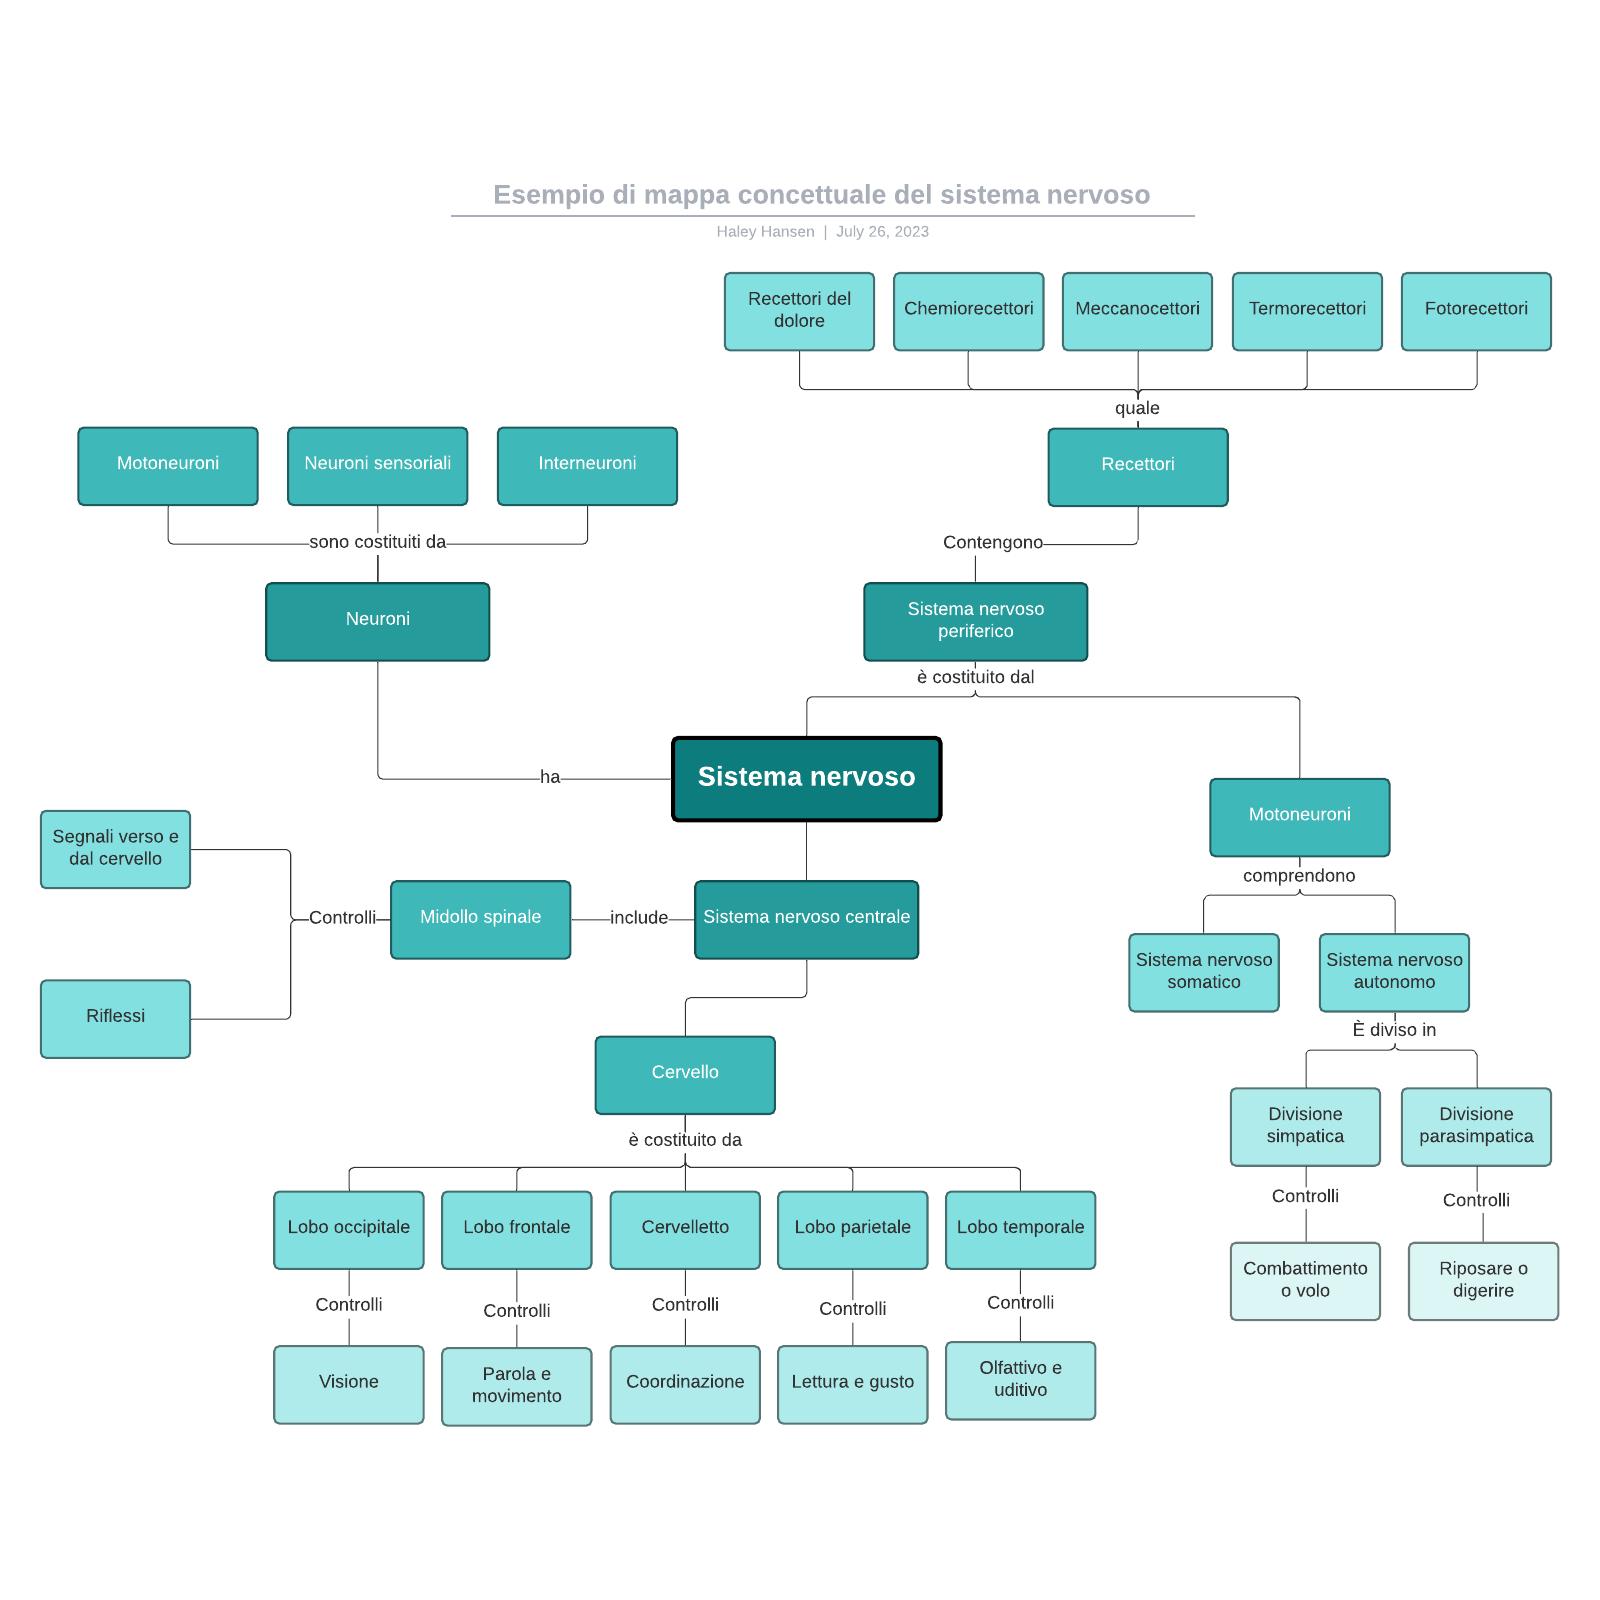 Esempio di mappa concettuale del sistema nervoso